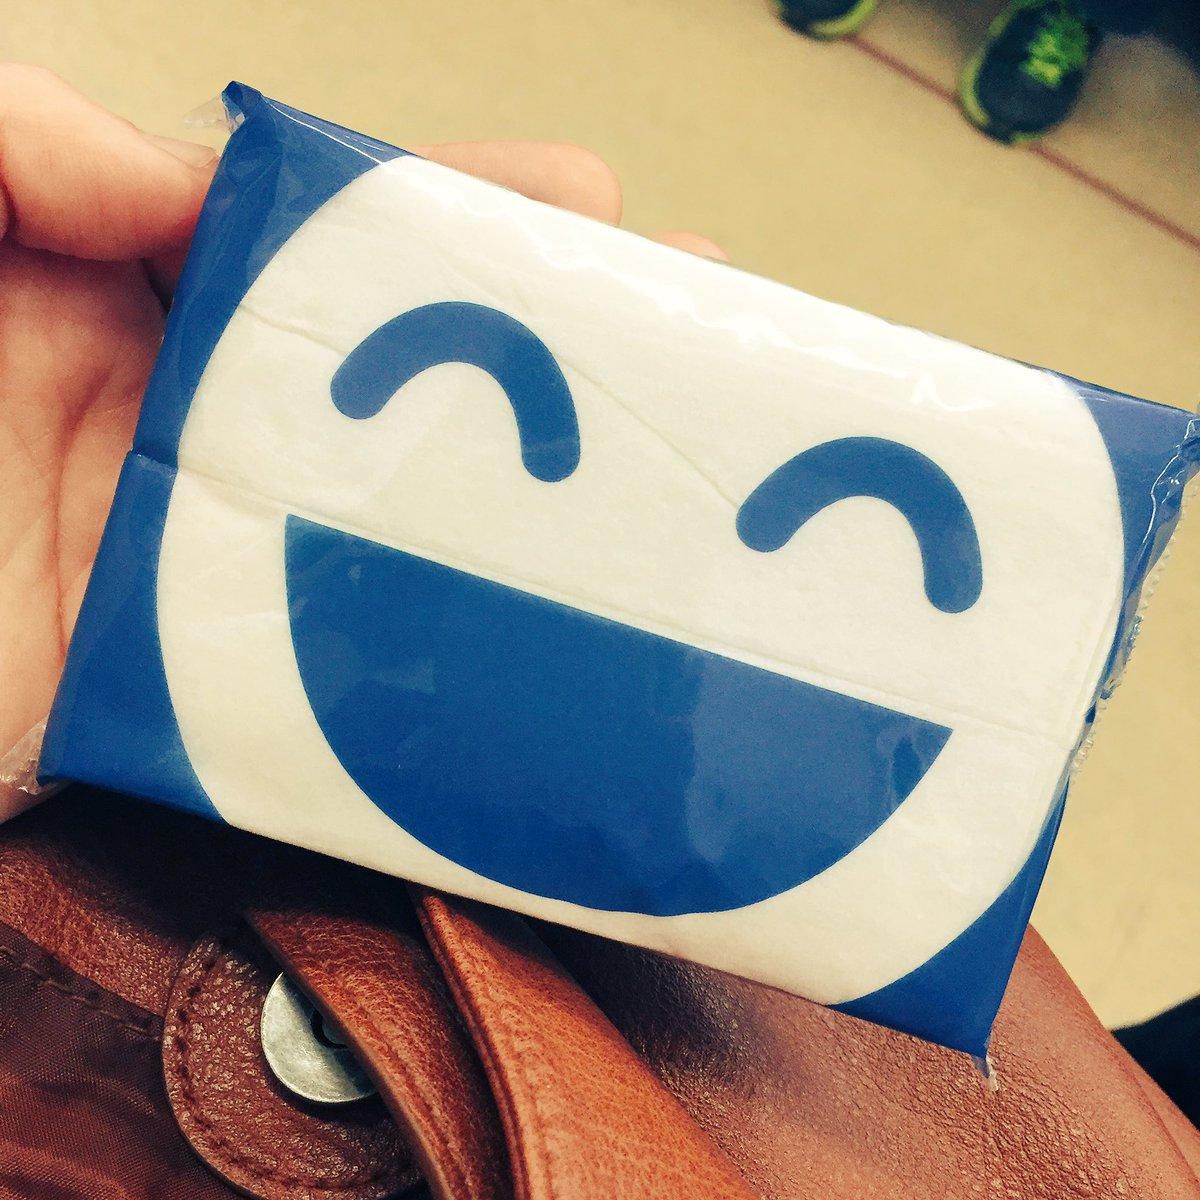 薬局で貰ったティッシュ、笑い男感ある#攻殻機動隊